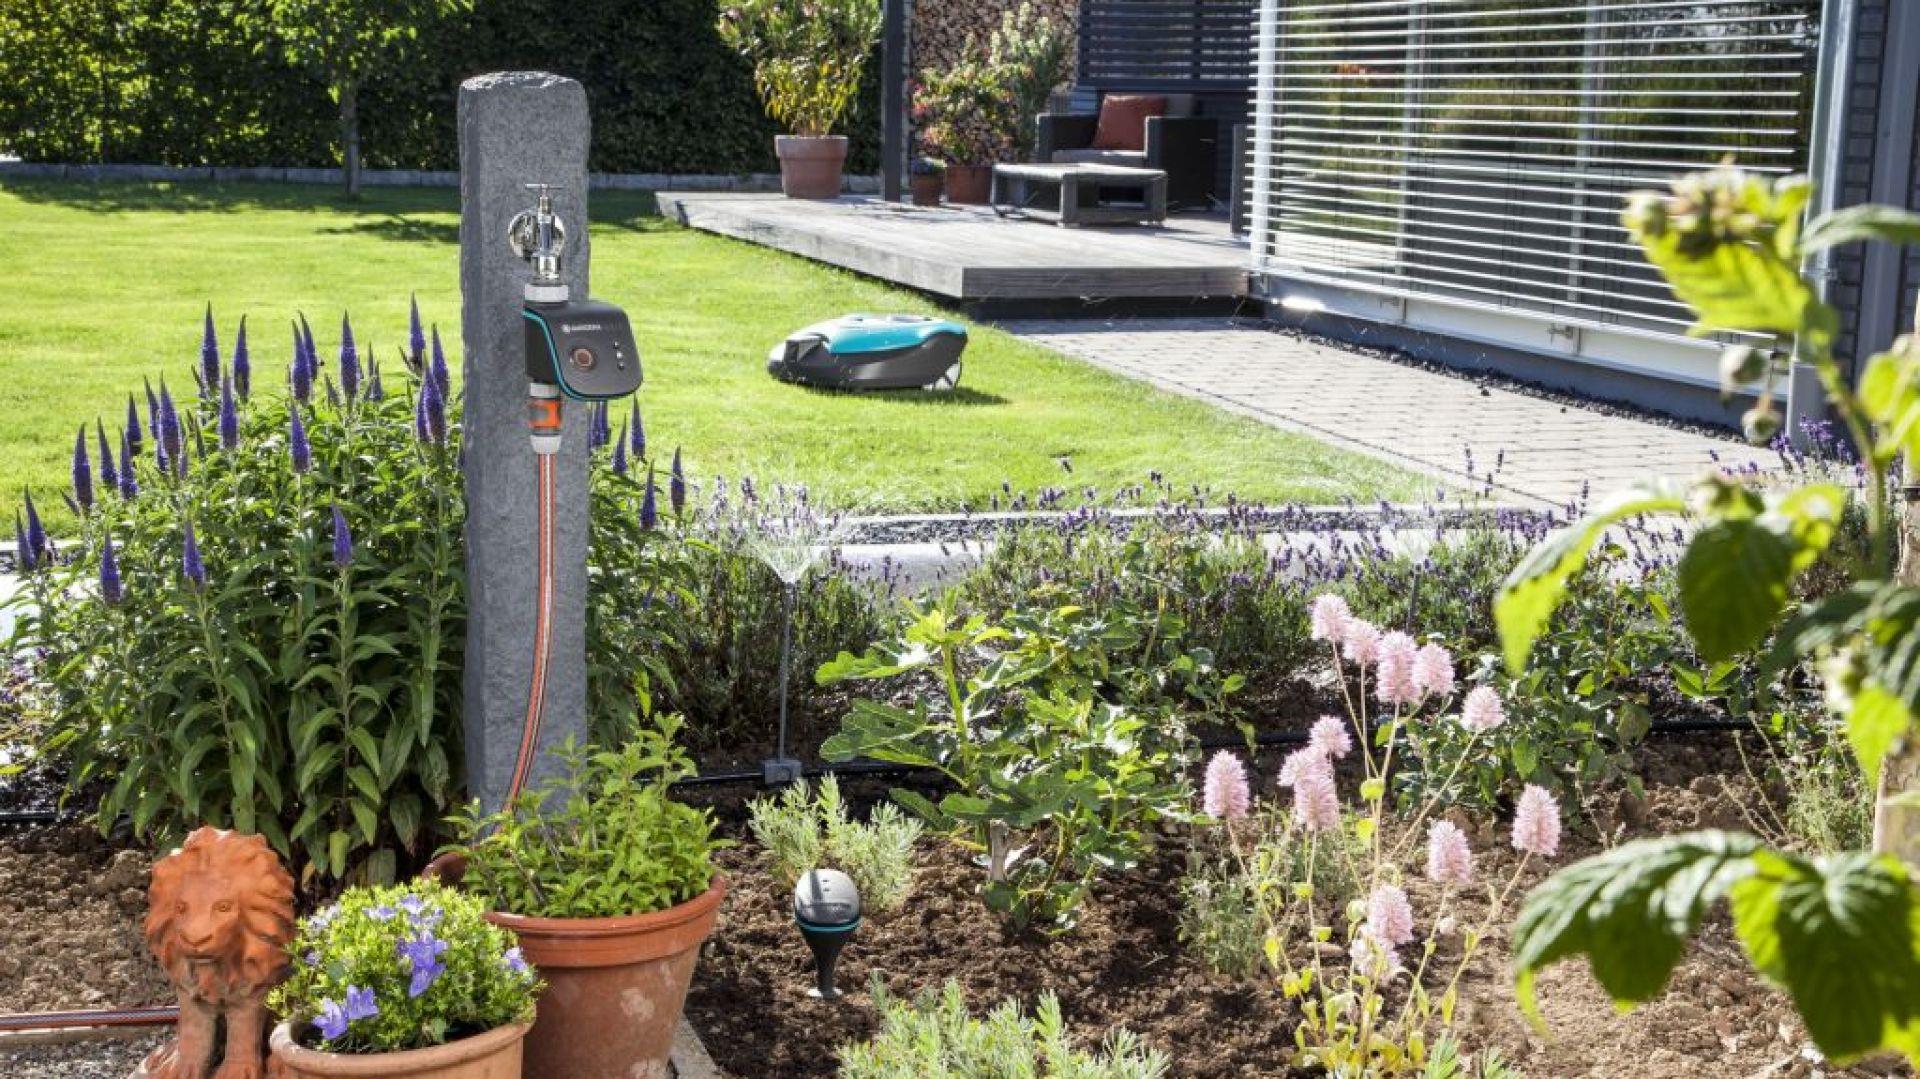 Smart hydrofor elektroniczny marki Gardena to wydajne urządzenie, które nadaje się idealnie do automatycznego nawadniania ogrodu. Wszystkie funkcje pompy można obsługiwać za pomocą telefonu lub przeglądarki. Fot. Gardena